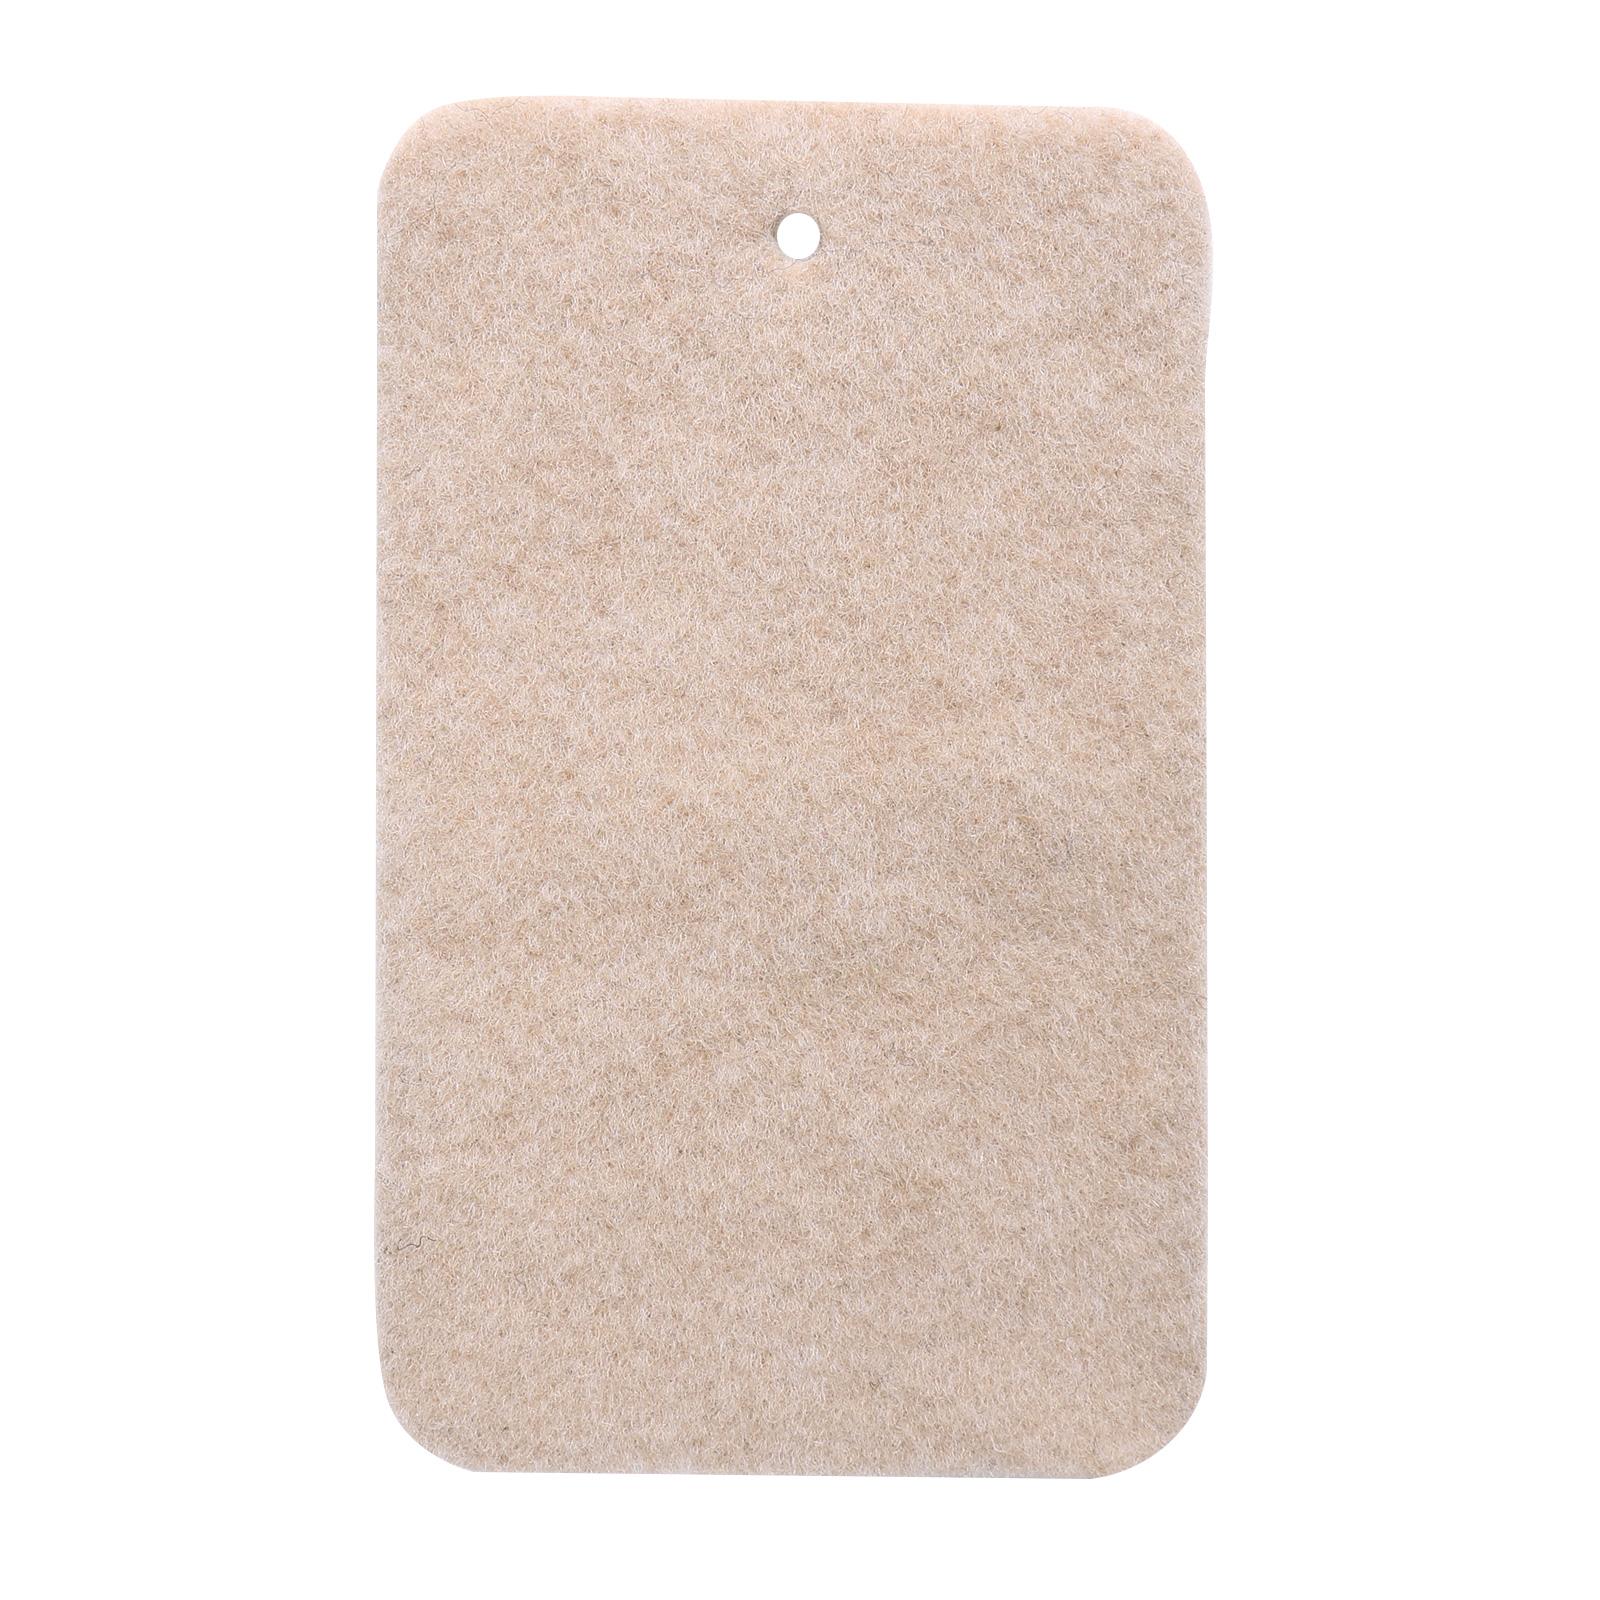 X-Trem Stretch-Carpet-Filz Beige (10x2m)